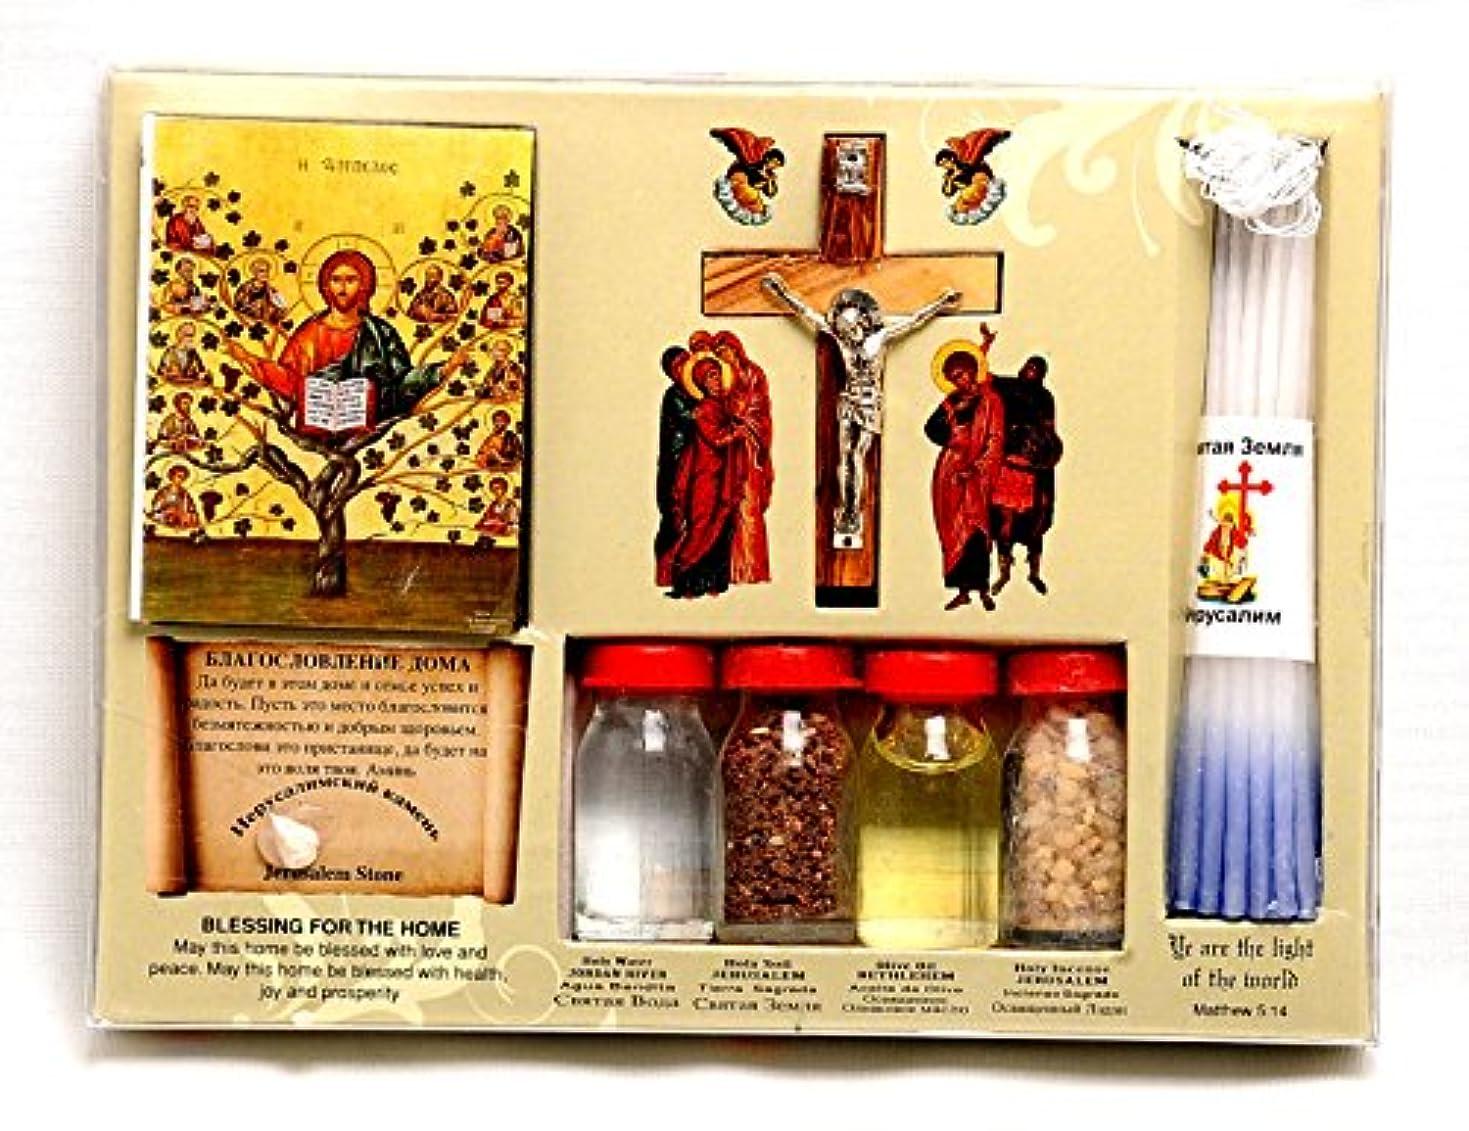 週間だます唯物論ホーム祝福キットボトル、クロス&キャンドルに聖地エルサレム